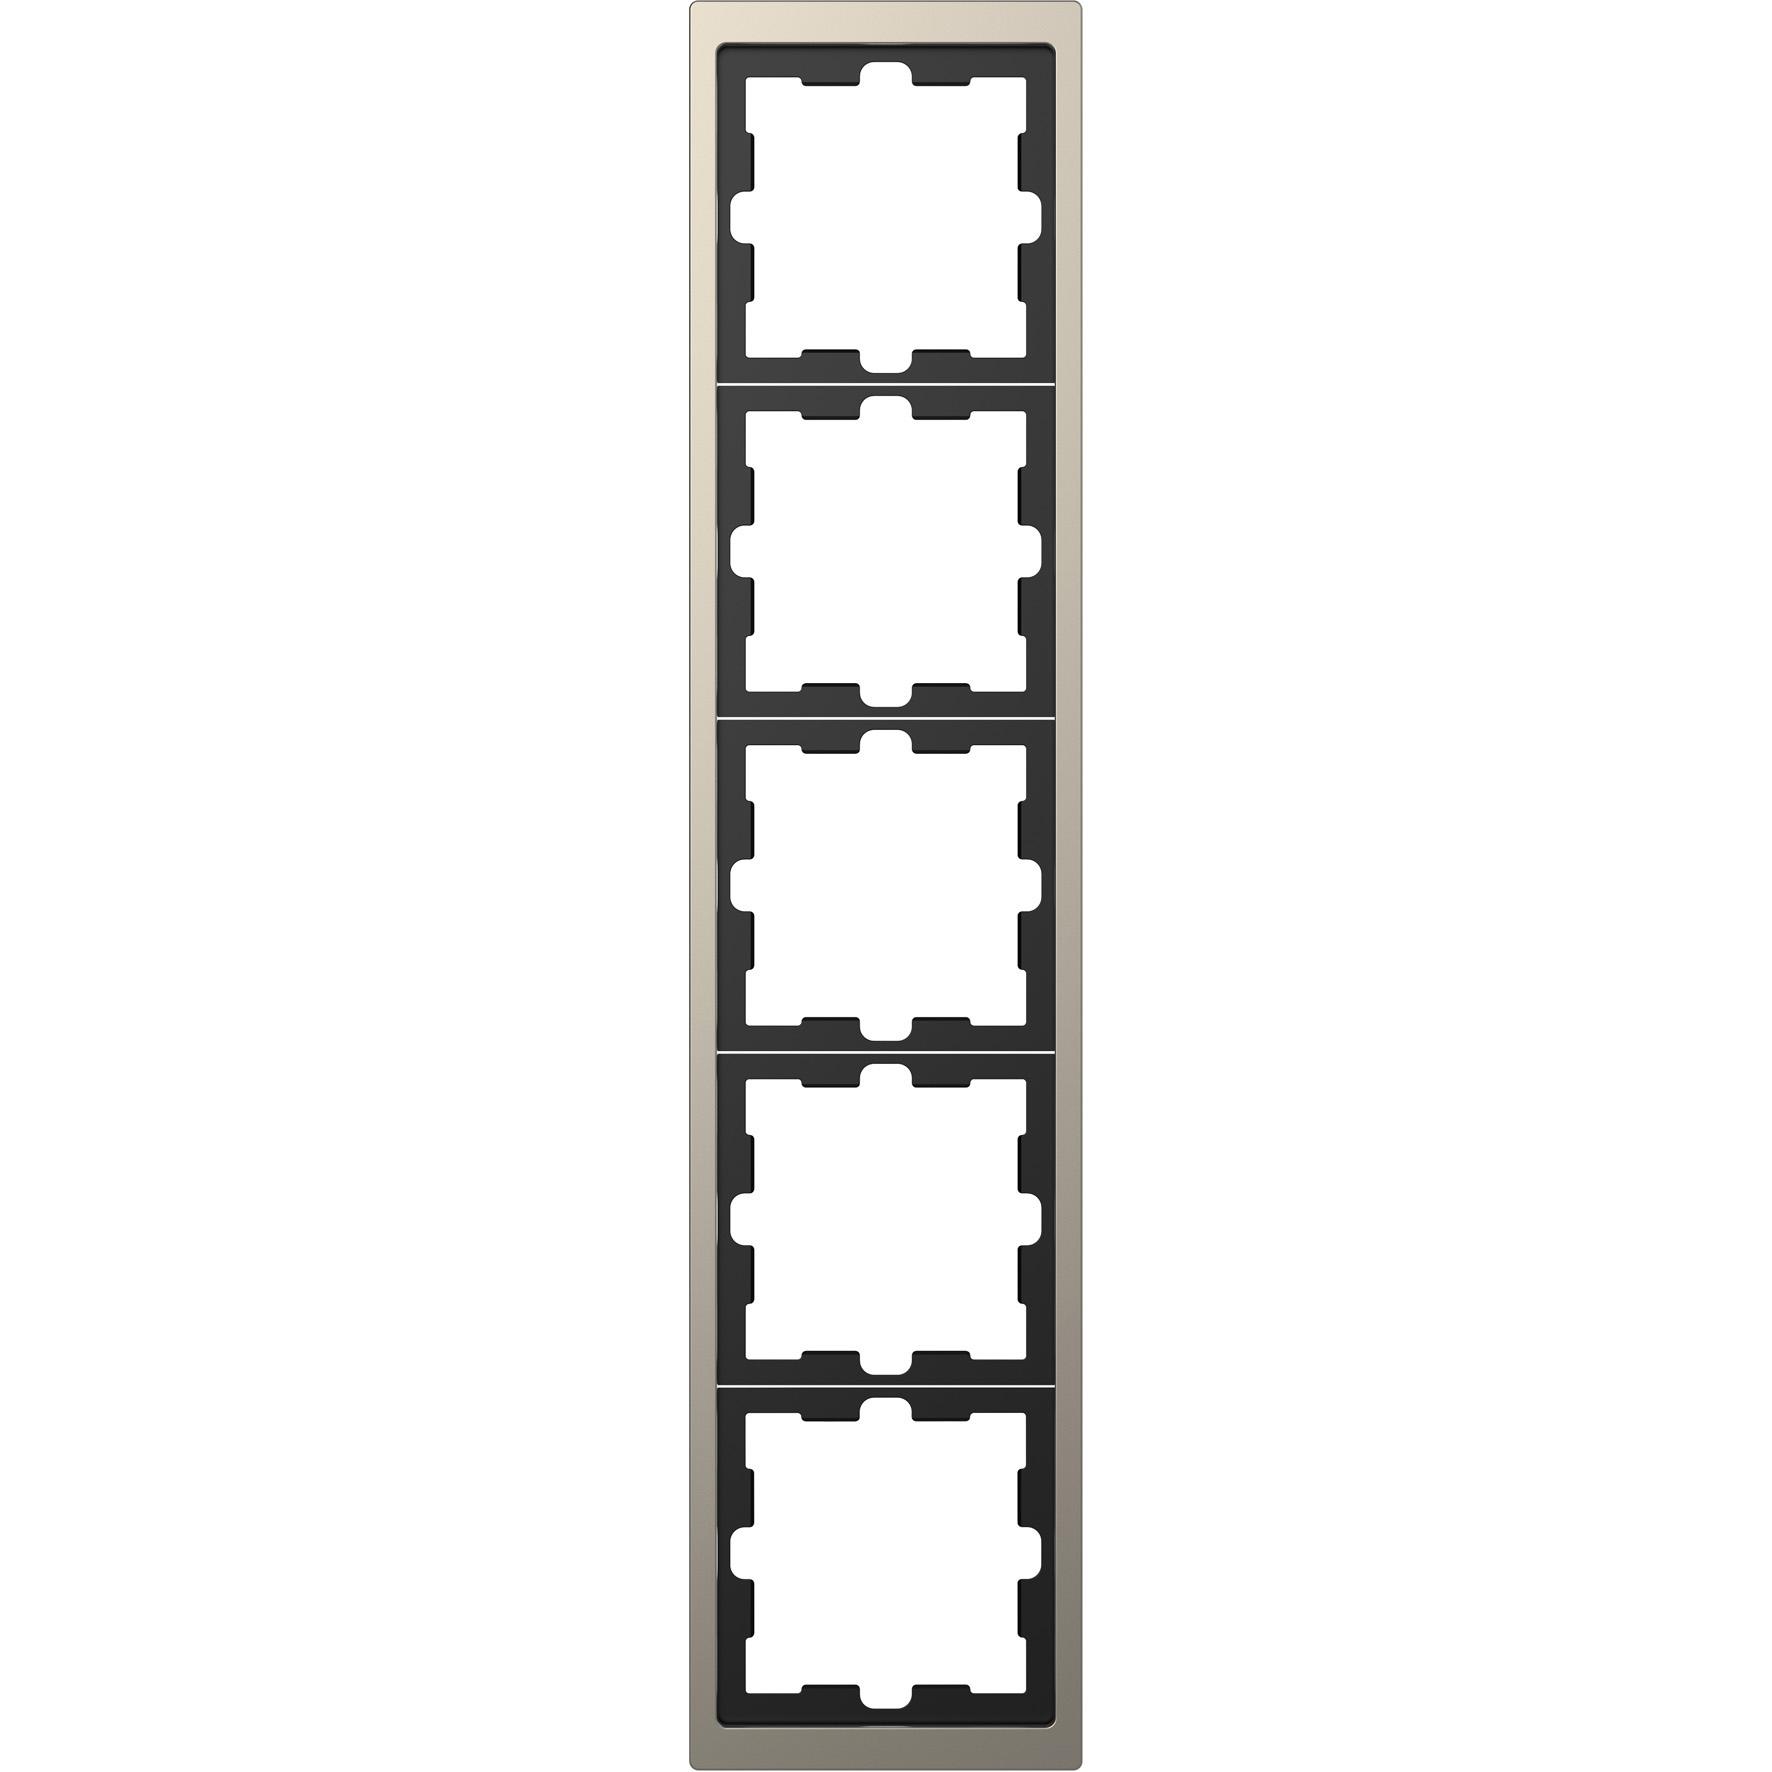 Schneider-Merten D Life afdekraam 5-voudig - nikkel metallic (MTN4050-6550)